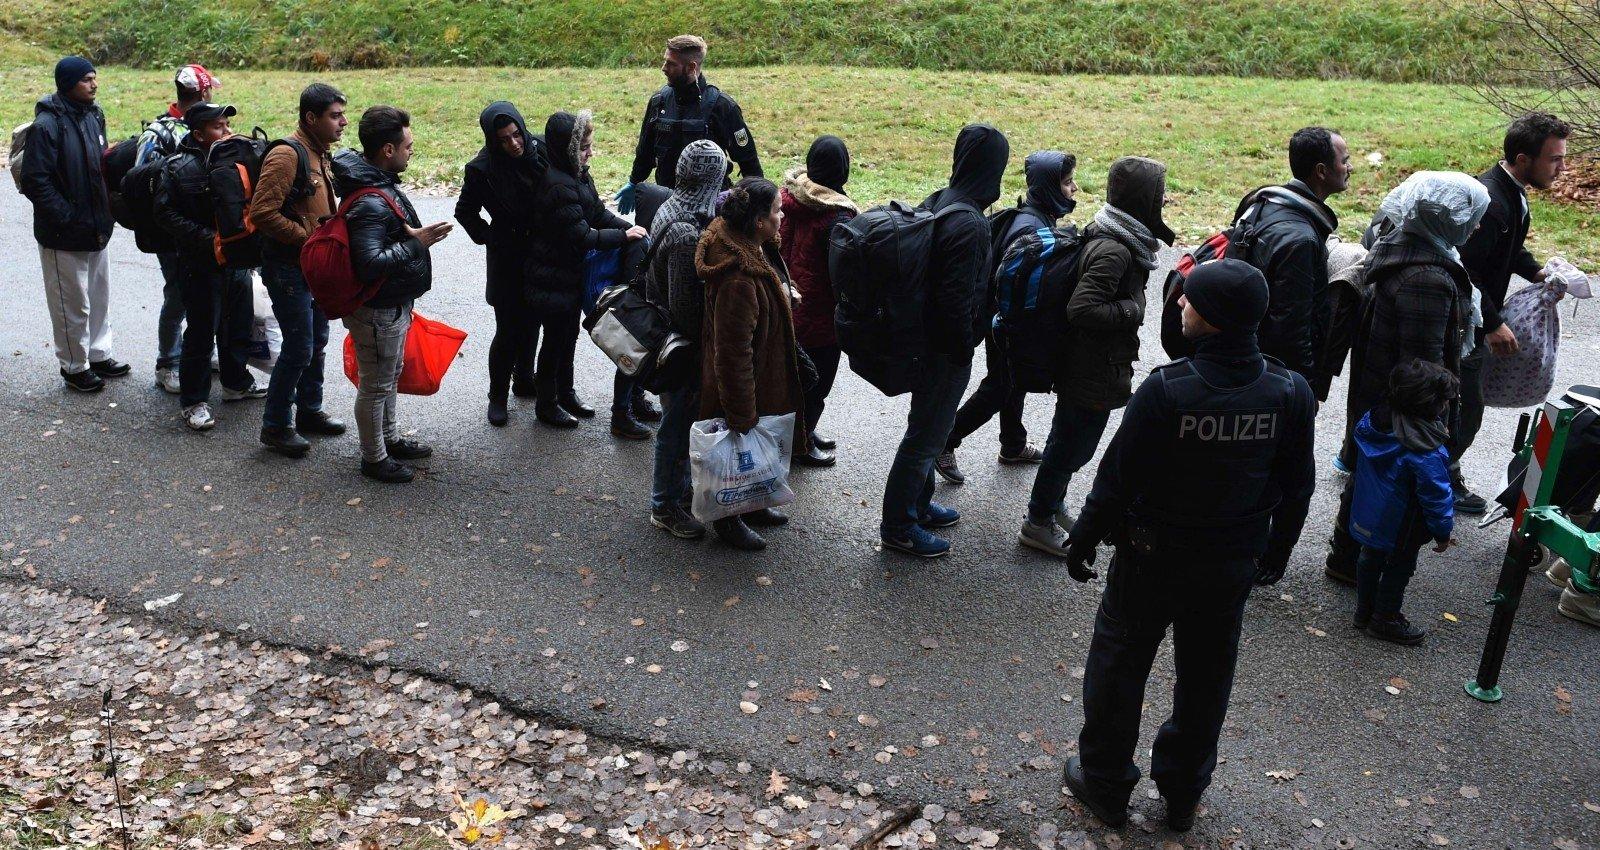 ФРГ пробует стимулировать беженцев квозвращению на отчизну